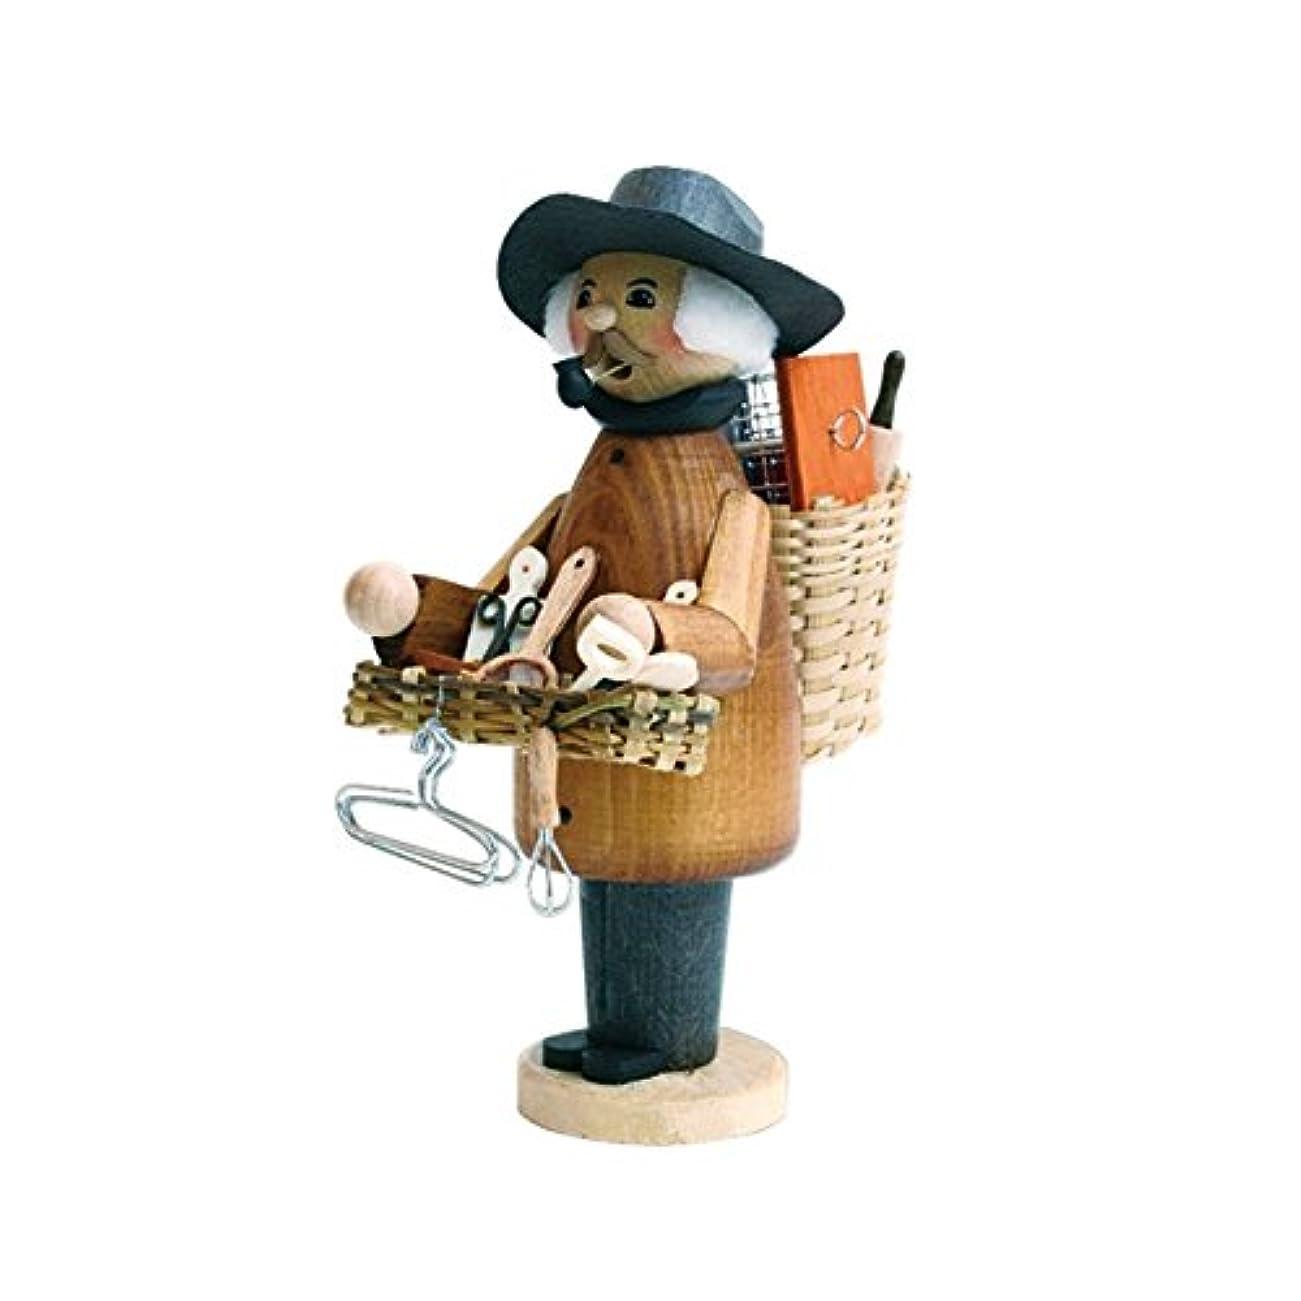 目に見えるセラフ拡散するクーネルト ミニパイプ人形香炉 道具売り